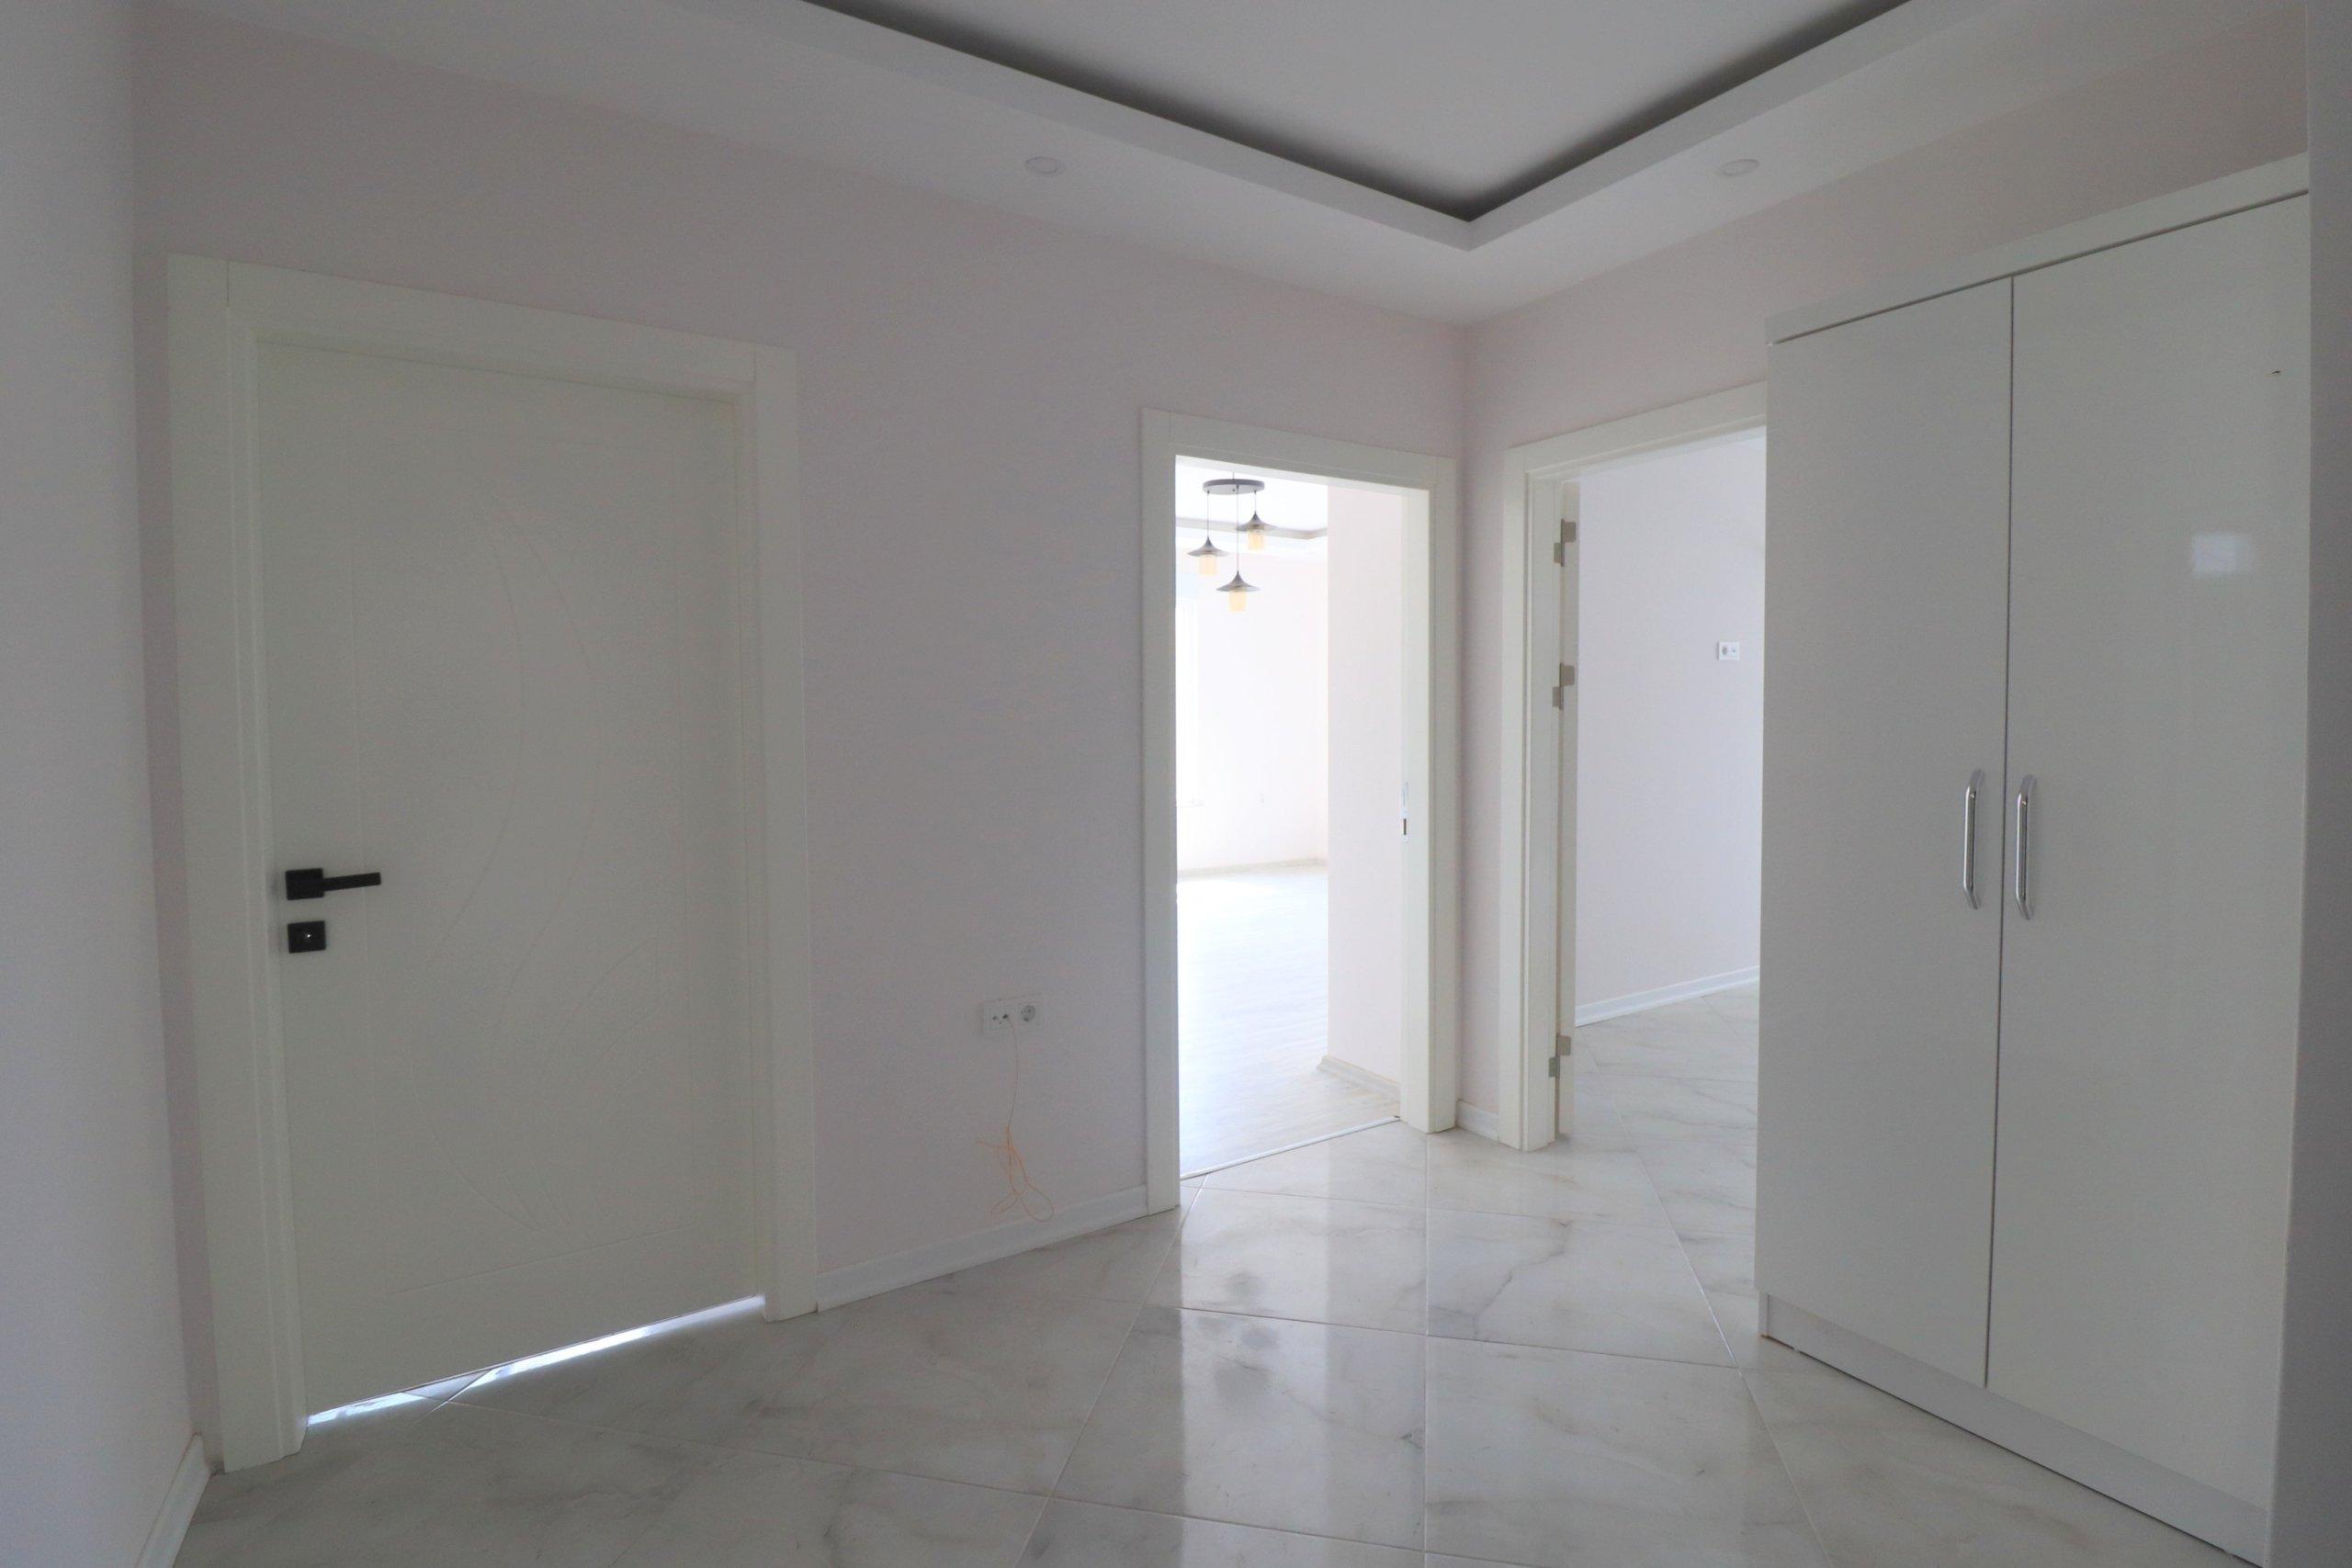 Алания Махмутлар Квартира Планировки 2+1 в Новом Доме Близко к Морю